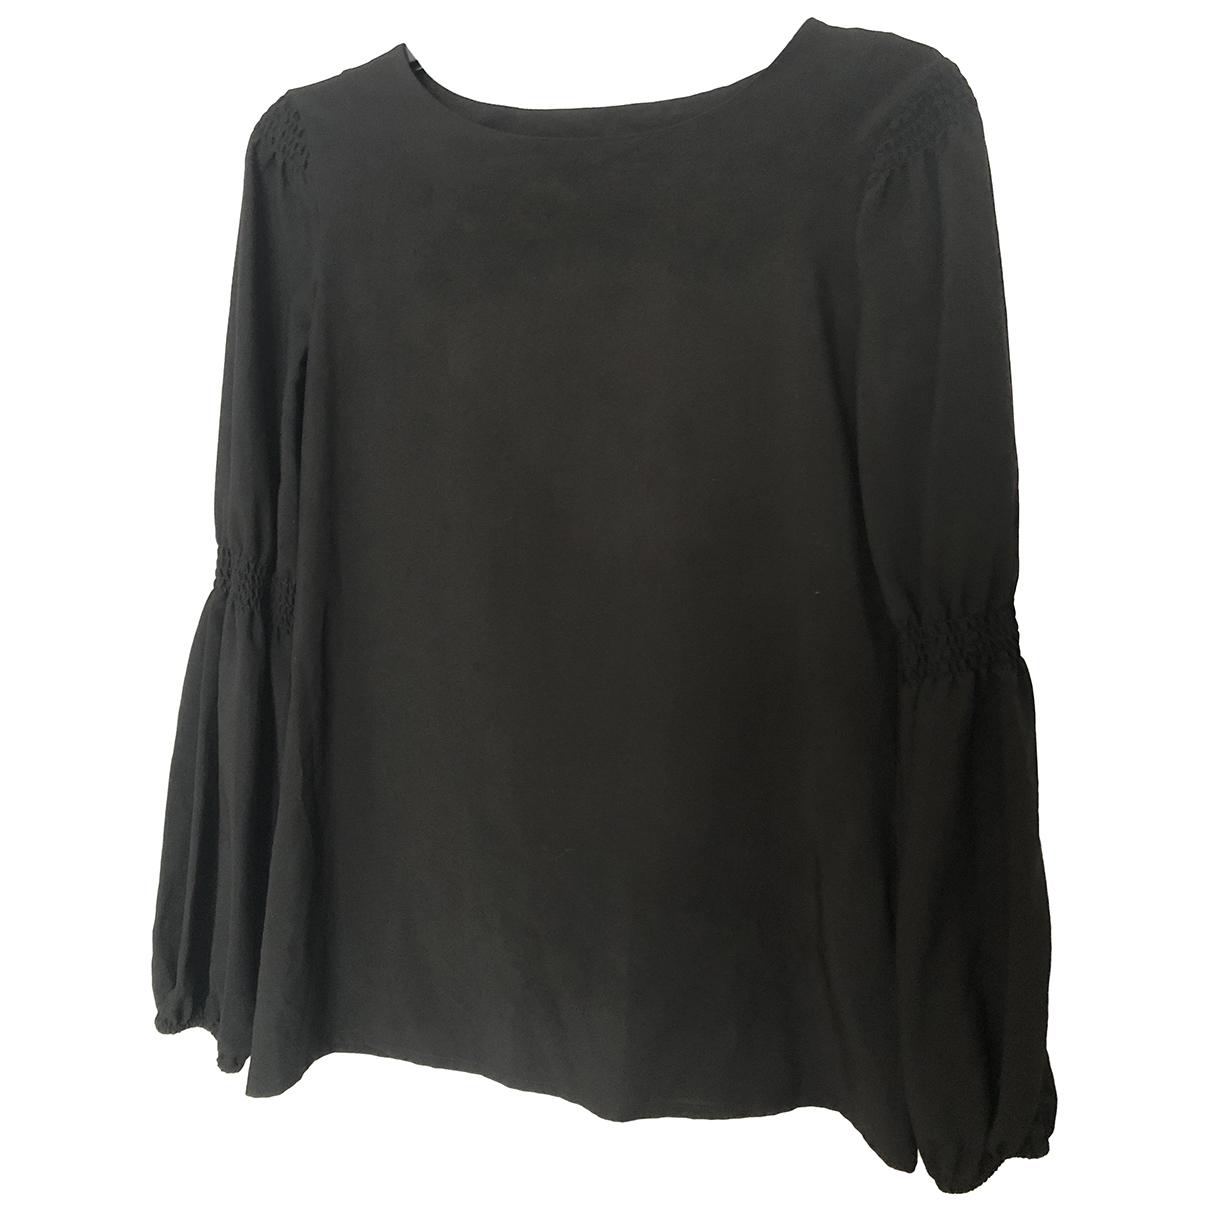 Fendi \N Black  top for Women 34 FR